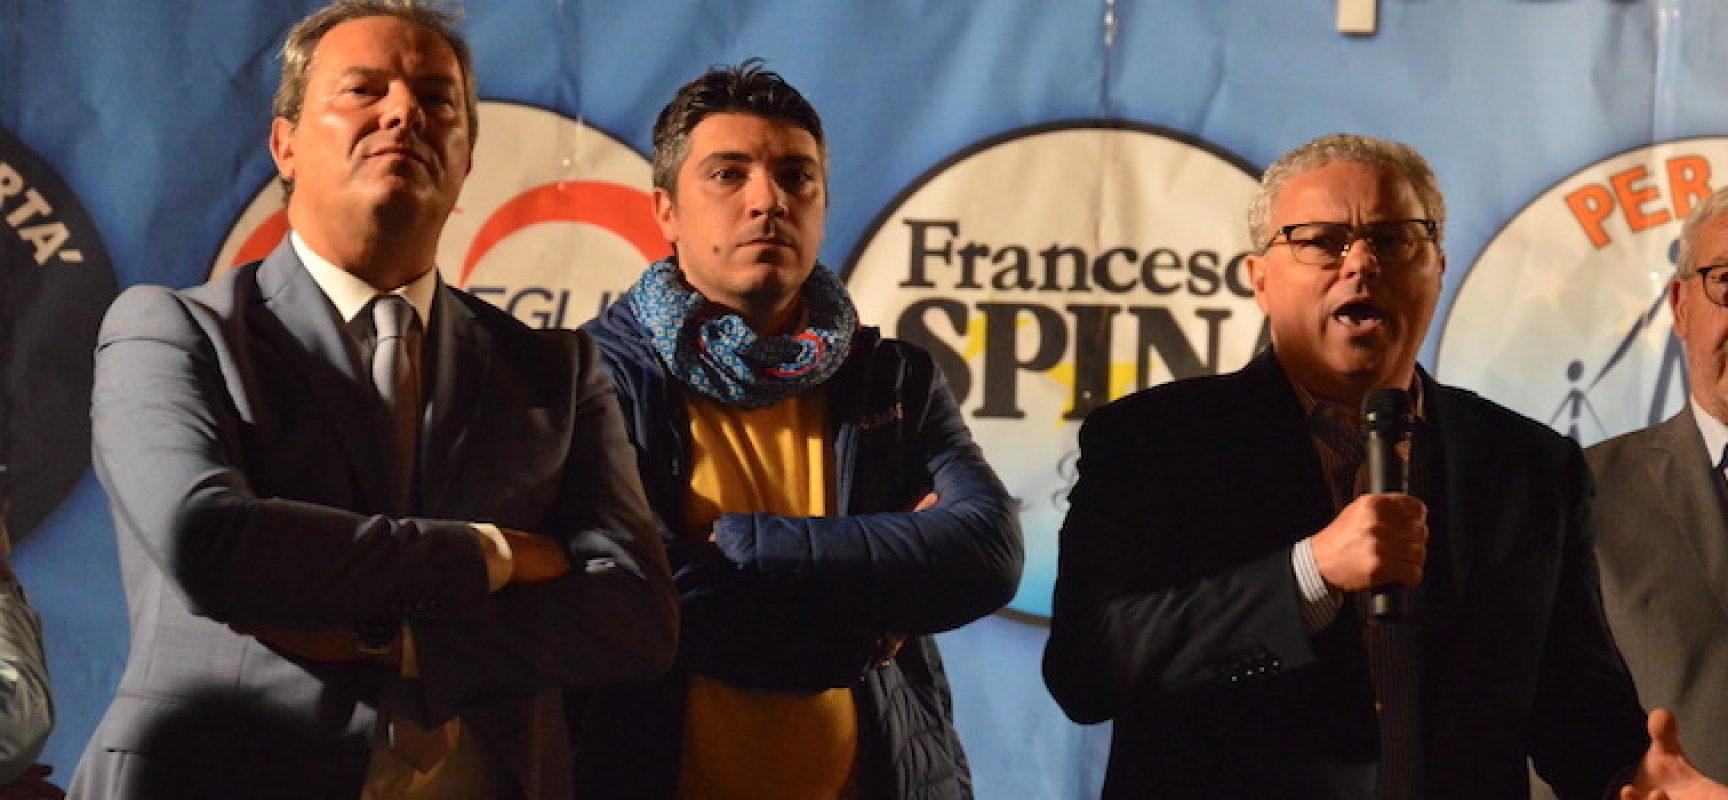 """Spina ufficializza sostegno a Napoletano e presenta liste civiche: """"Lui figura non politicizzata"""""""